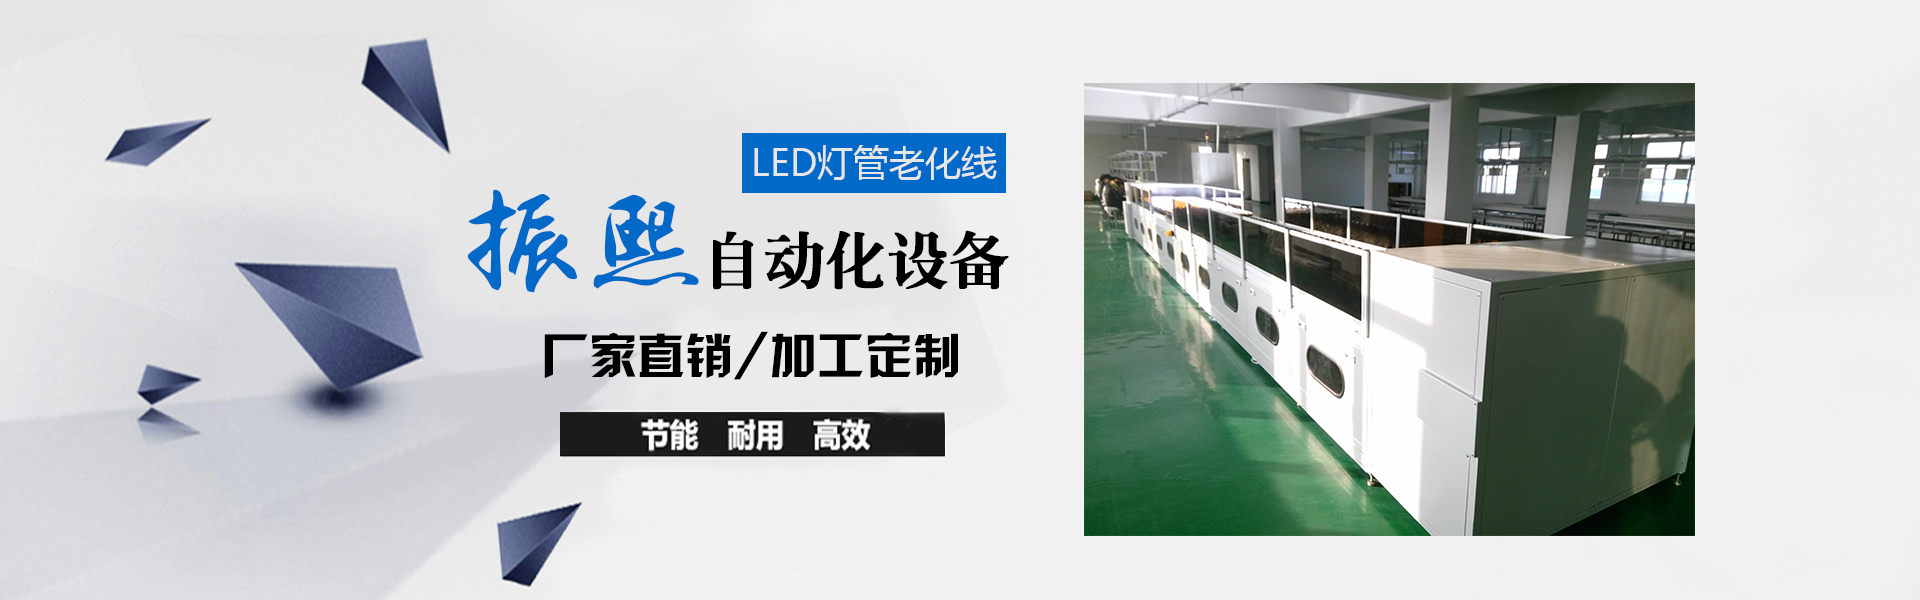 深圳市振熙自动化设备有限公司